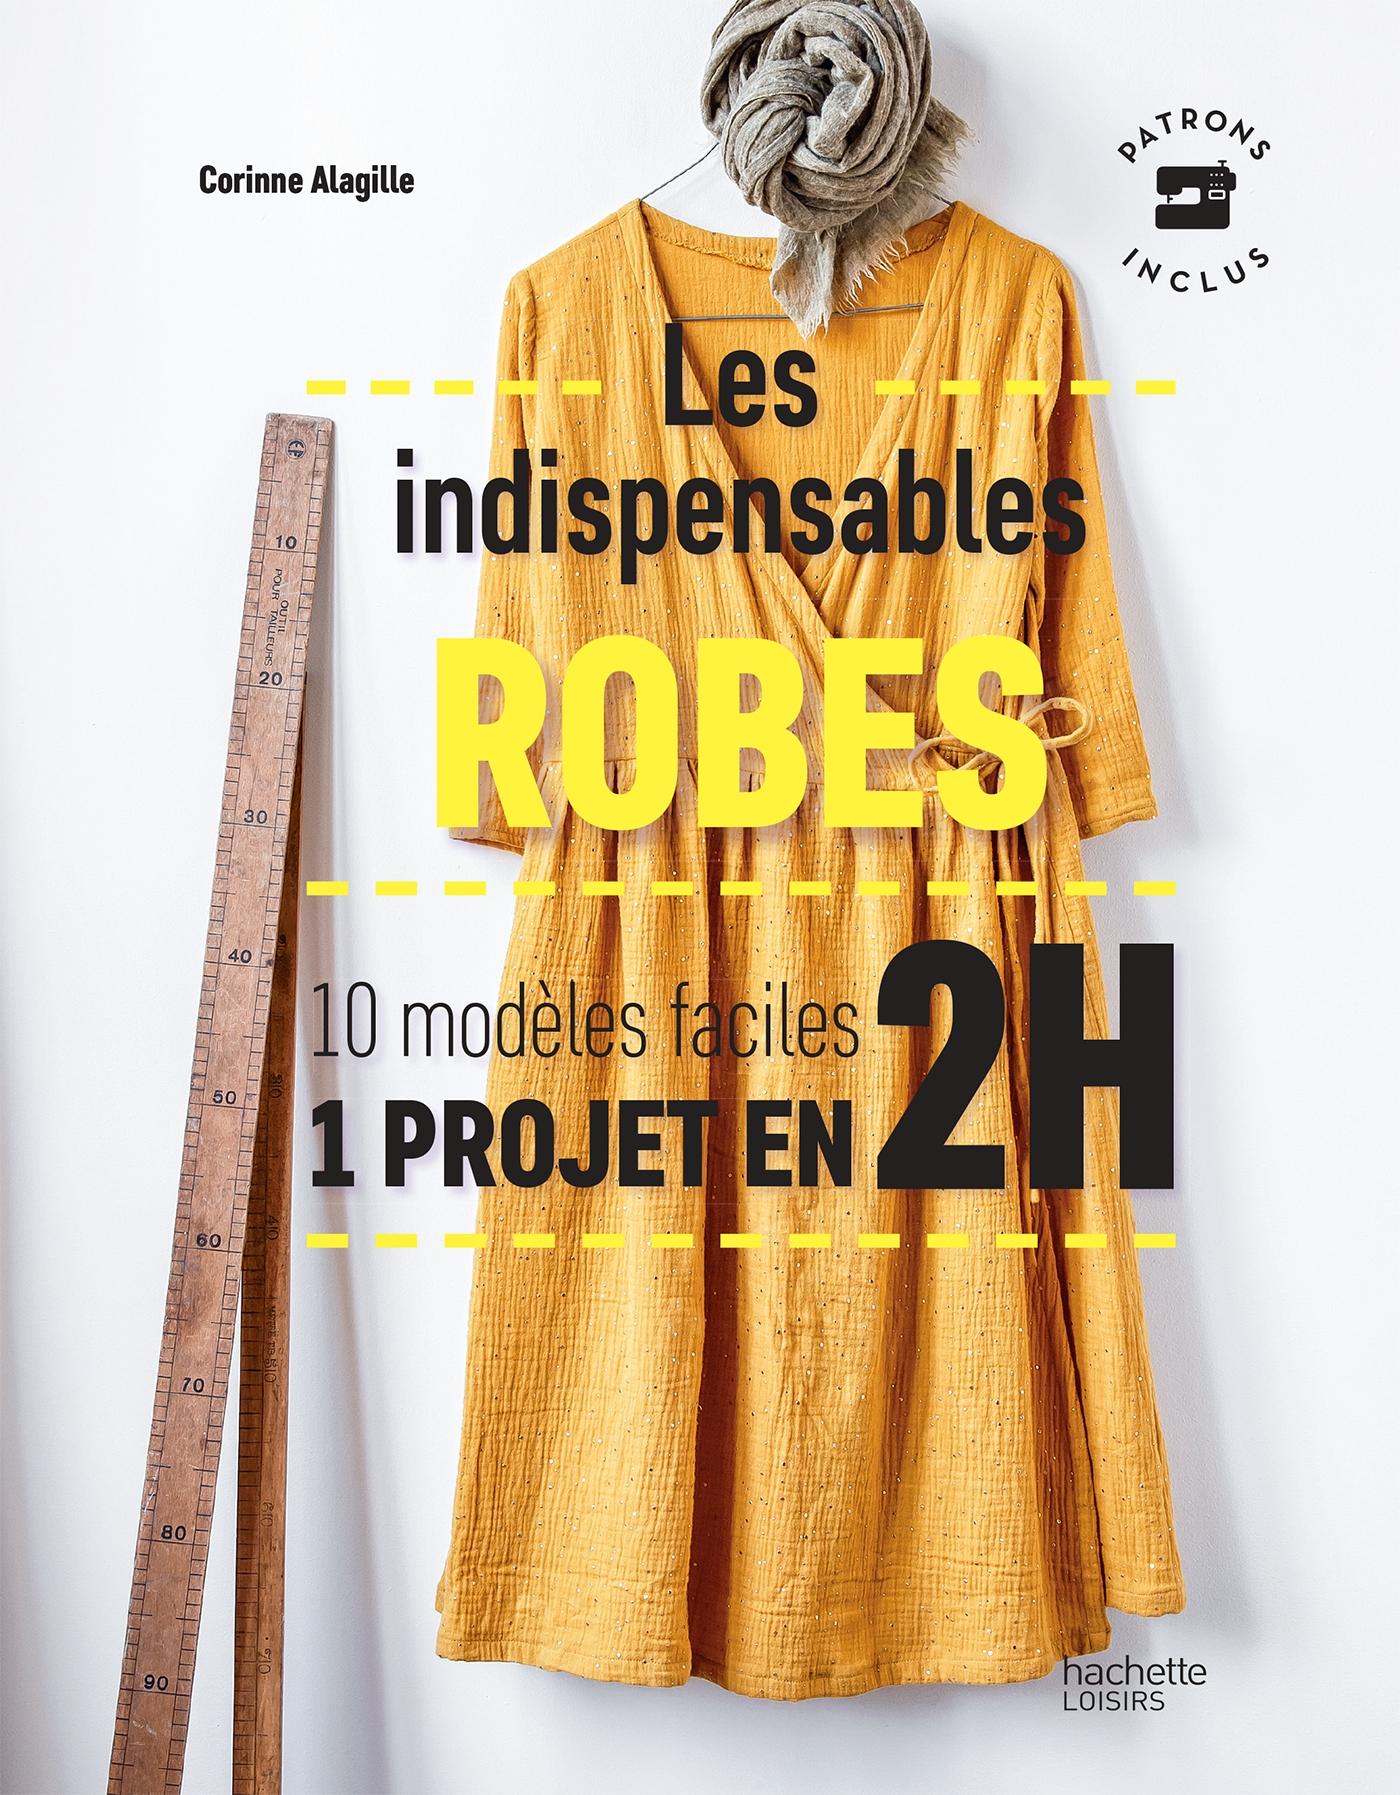 Les indispensables robes | Alagille, Corinne. Auteur